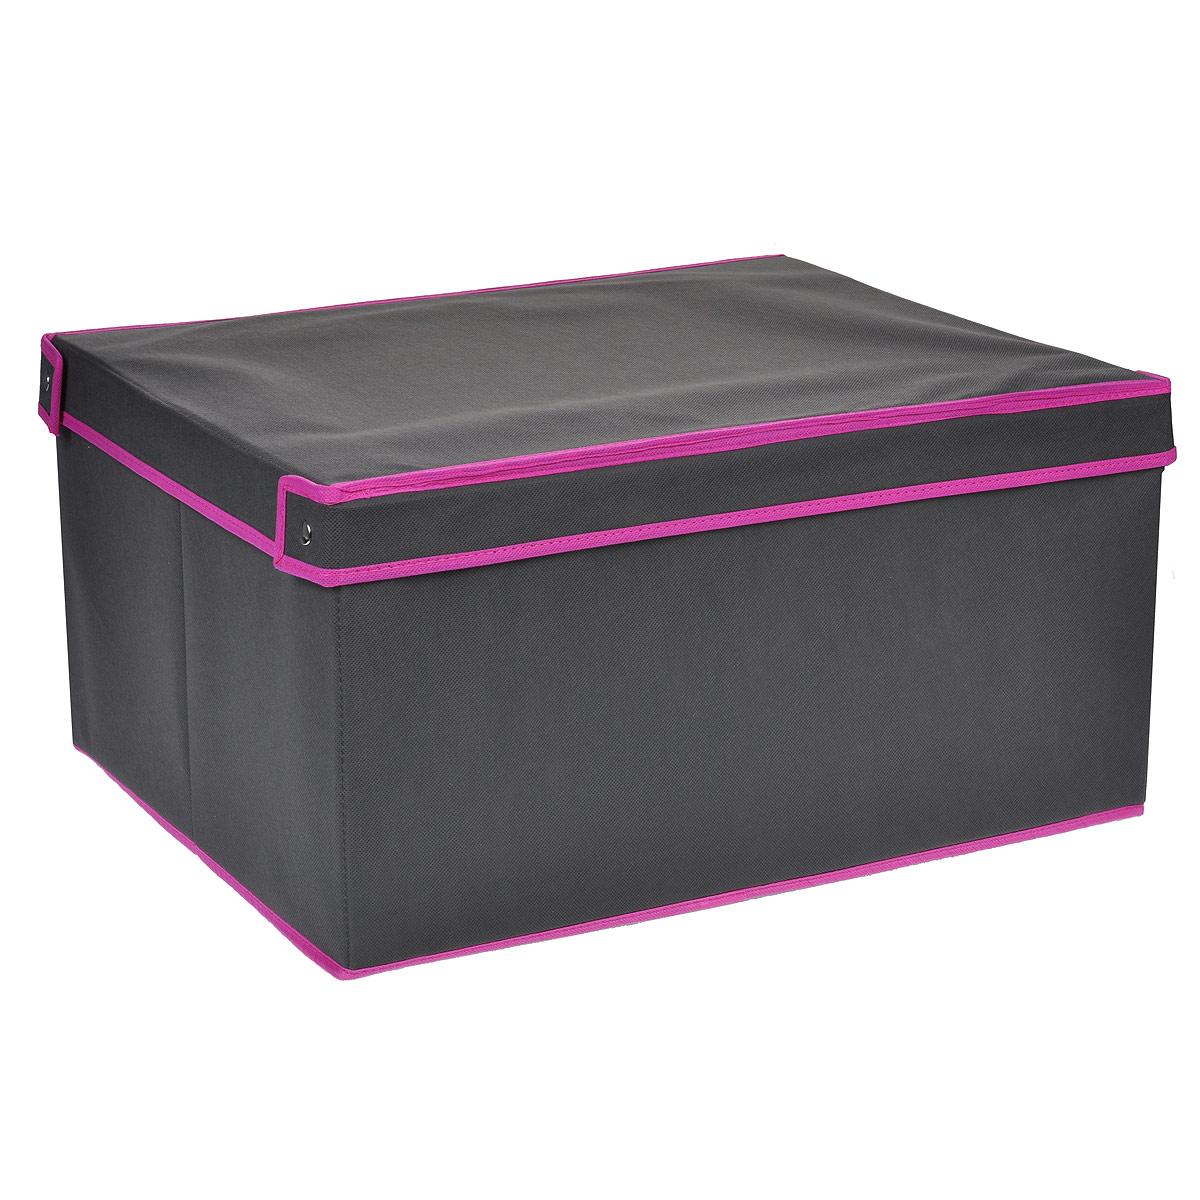 Кофр для хранения GFTC, цвет: серый, розовый, 50 х 40 х 25 смFS-6106LКофр для хранения GFTC изготовлен из высококачественного нетканого материала, который позволяет сохранять естественную вентиляцию, а воздуху свободно проникать внутрь, не пропуская пыль. Благодаря специальным вставкам кофр прекрасно держит форму, а эстетичный дизайн гармонично смотрится в любом интерьере. Мобильность конструкции обеспечивает складывание и раскладывание одним движением. Кофр оснащен крышкой и удобной ручкой. Такой кофр сэкономит место и сохранит порядок в доме.